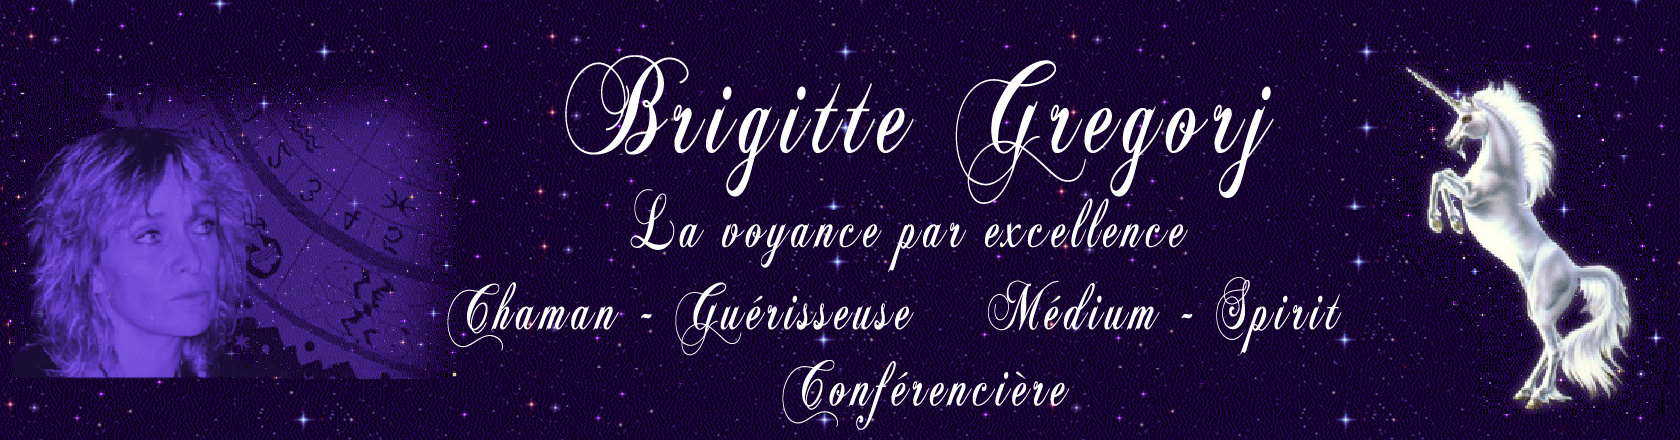 Brigitte Gregorj Chaman, Guérisseuse, Médium, Spirit, Conférencière